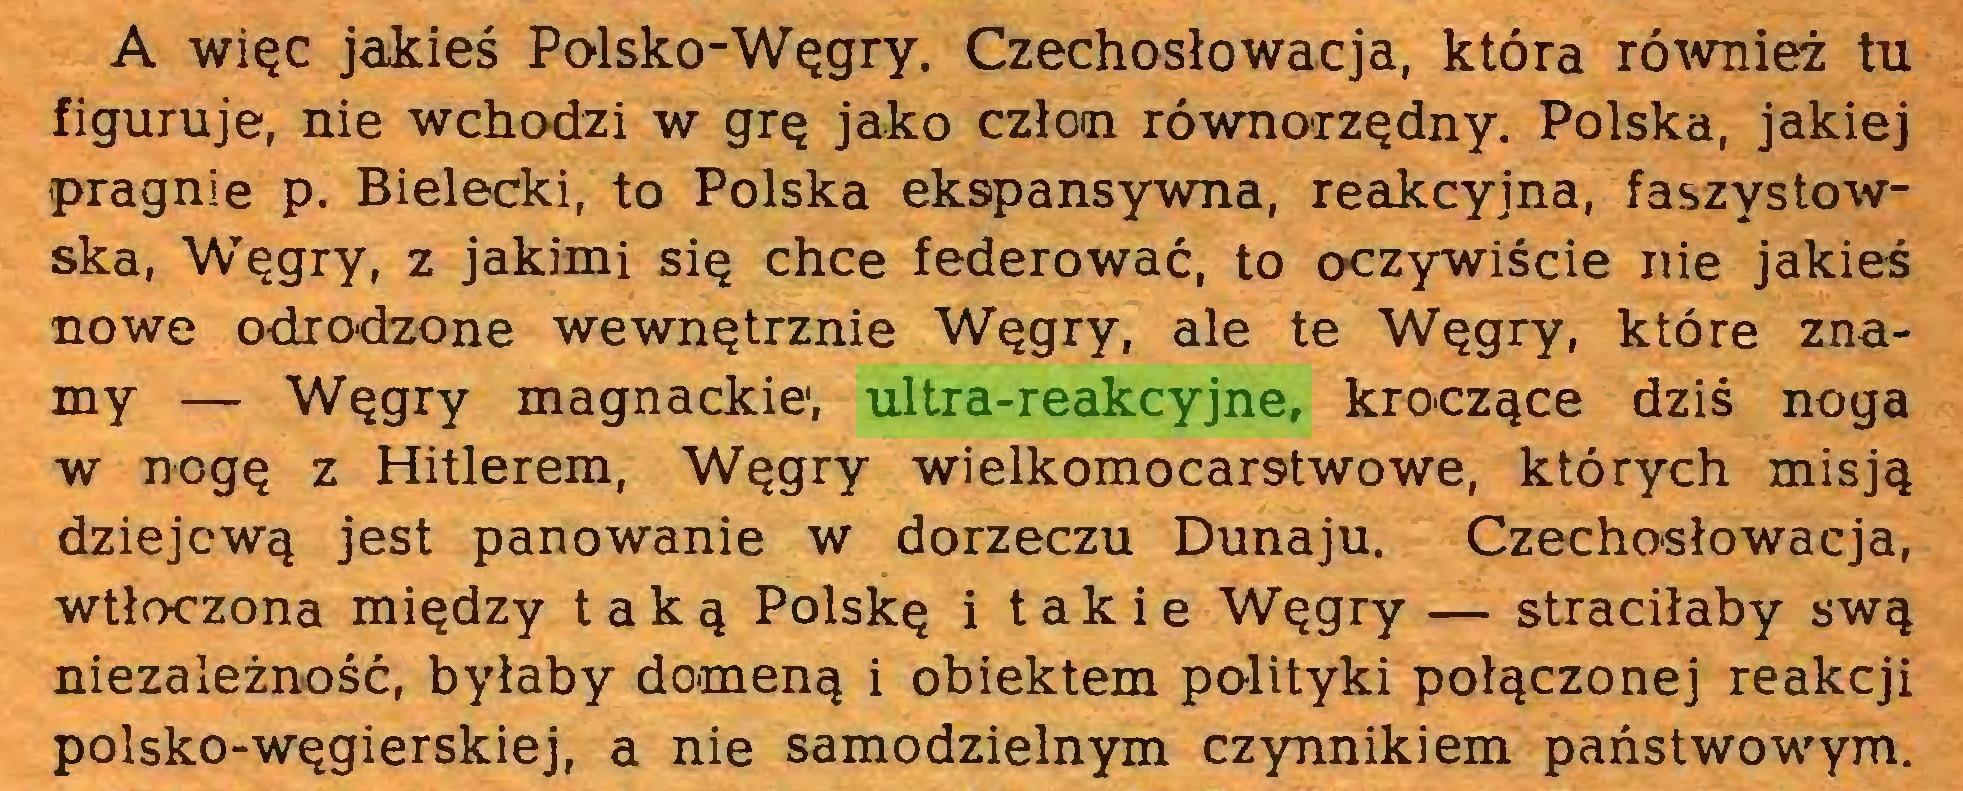 (...) A więc jakieś Polsko-Węgry. Czechosłowacja, która również tu figuruje, nie wchodzi w grę jako człon równorzędny. Polska, jakiej pragnie p. Bielecki, to Polska ekspansywna, reakcyjna, faszystowska, Węgry, z jakimi się chce federować, to oczywiście nie jakieś nowe odrodzone wewnętrznie Węgry, ale te Węgry, które znamy — Węgry magnackie1, ultra-reakcyjne, kroczące dziś noga w nogę z Hitlerem, Węgry wielkomocarstwowe, których misją dziejową jest panowanie w dorzeczu Dunaju. Czechosłowacja, wtłoczona między taką Polskę i takie Węgry — straciłaby swą niezależność, byłaby domeną i obiektem polityki połączonej reakcji polsko-węgierskiej, a nie samodzielnym czynnikiem państwowym...